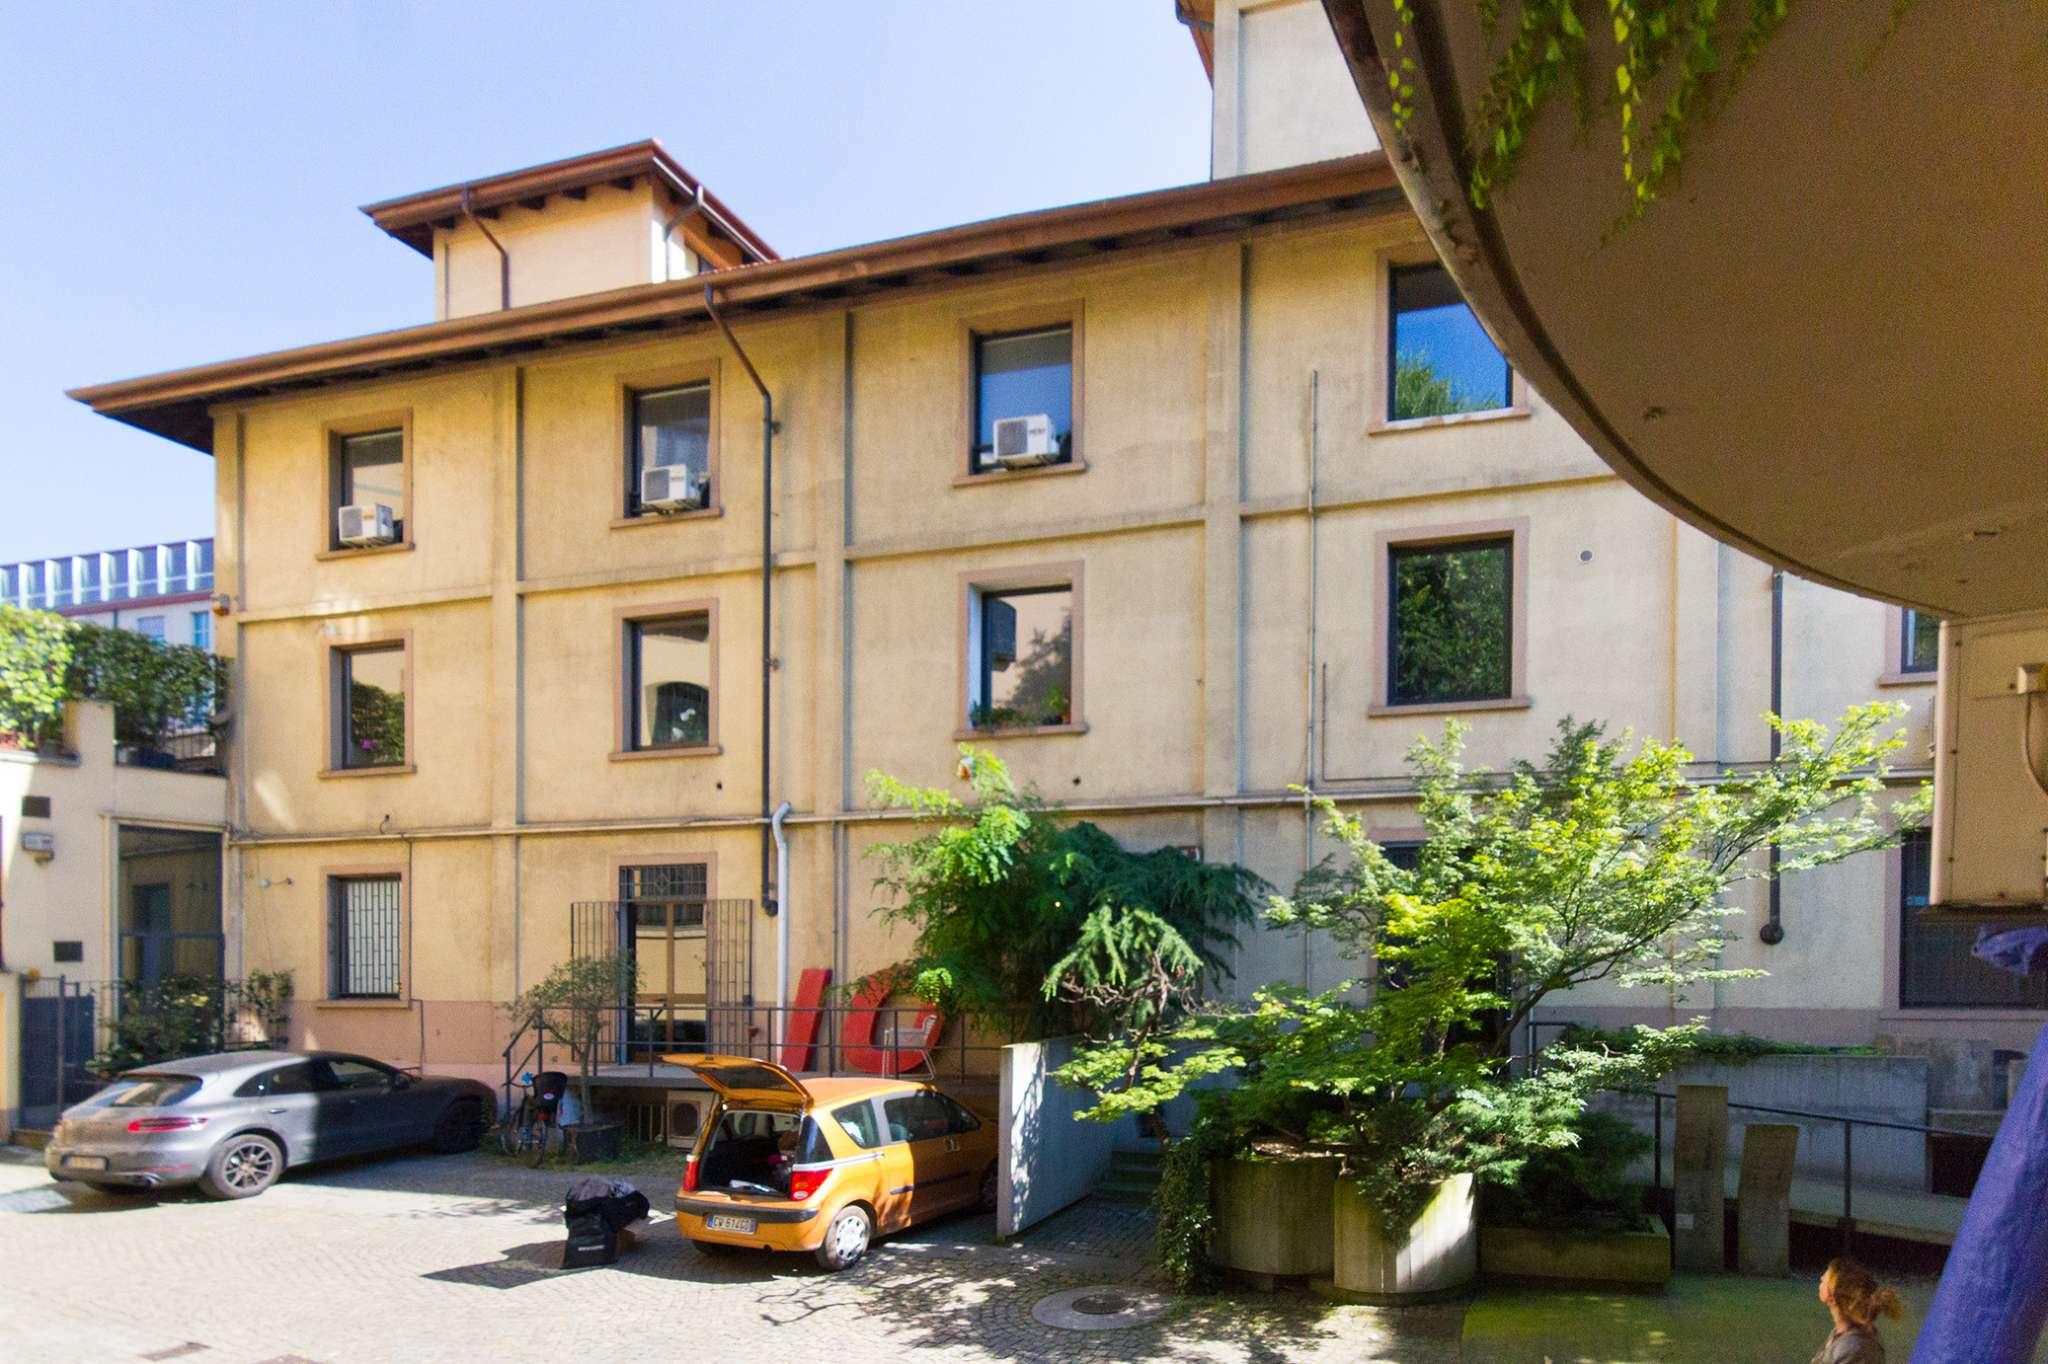 Foto 1 di Loft / Open space C.so Tassoni, 52, Torino (zona Cit Turin, San Donato, Campidoglio)